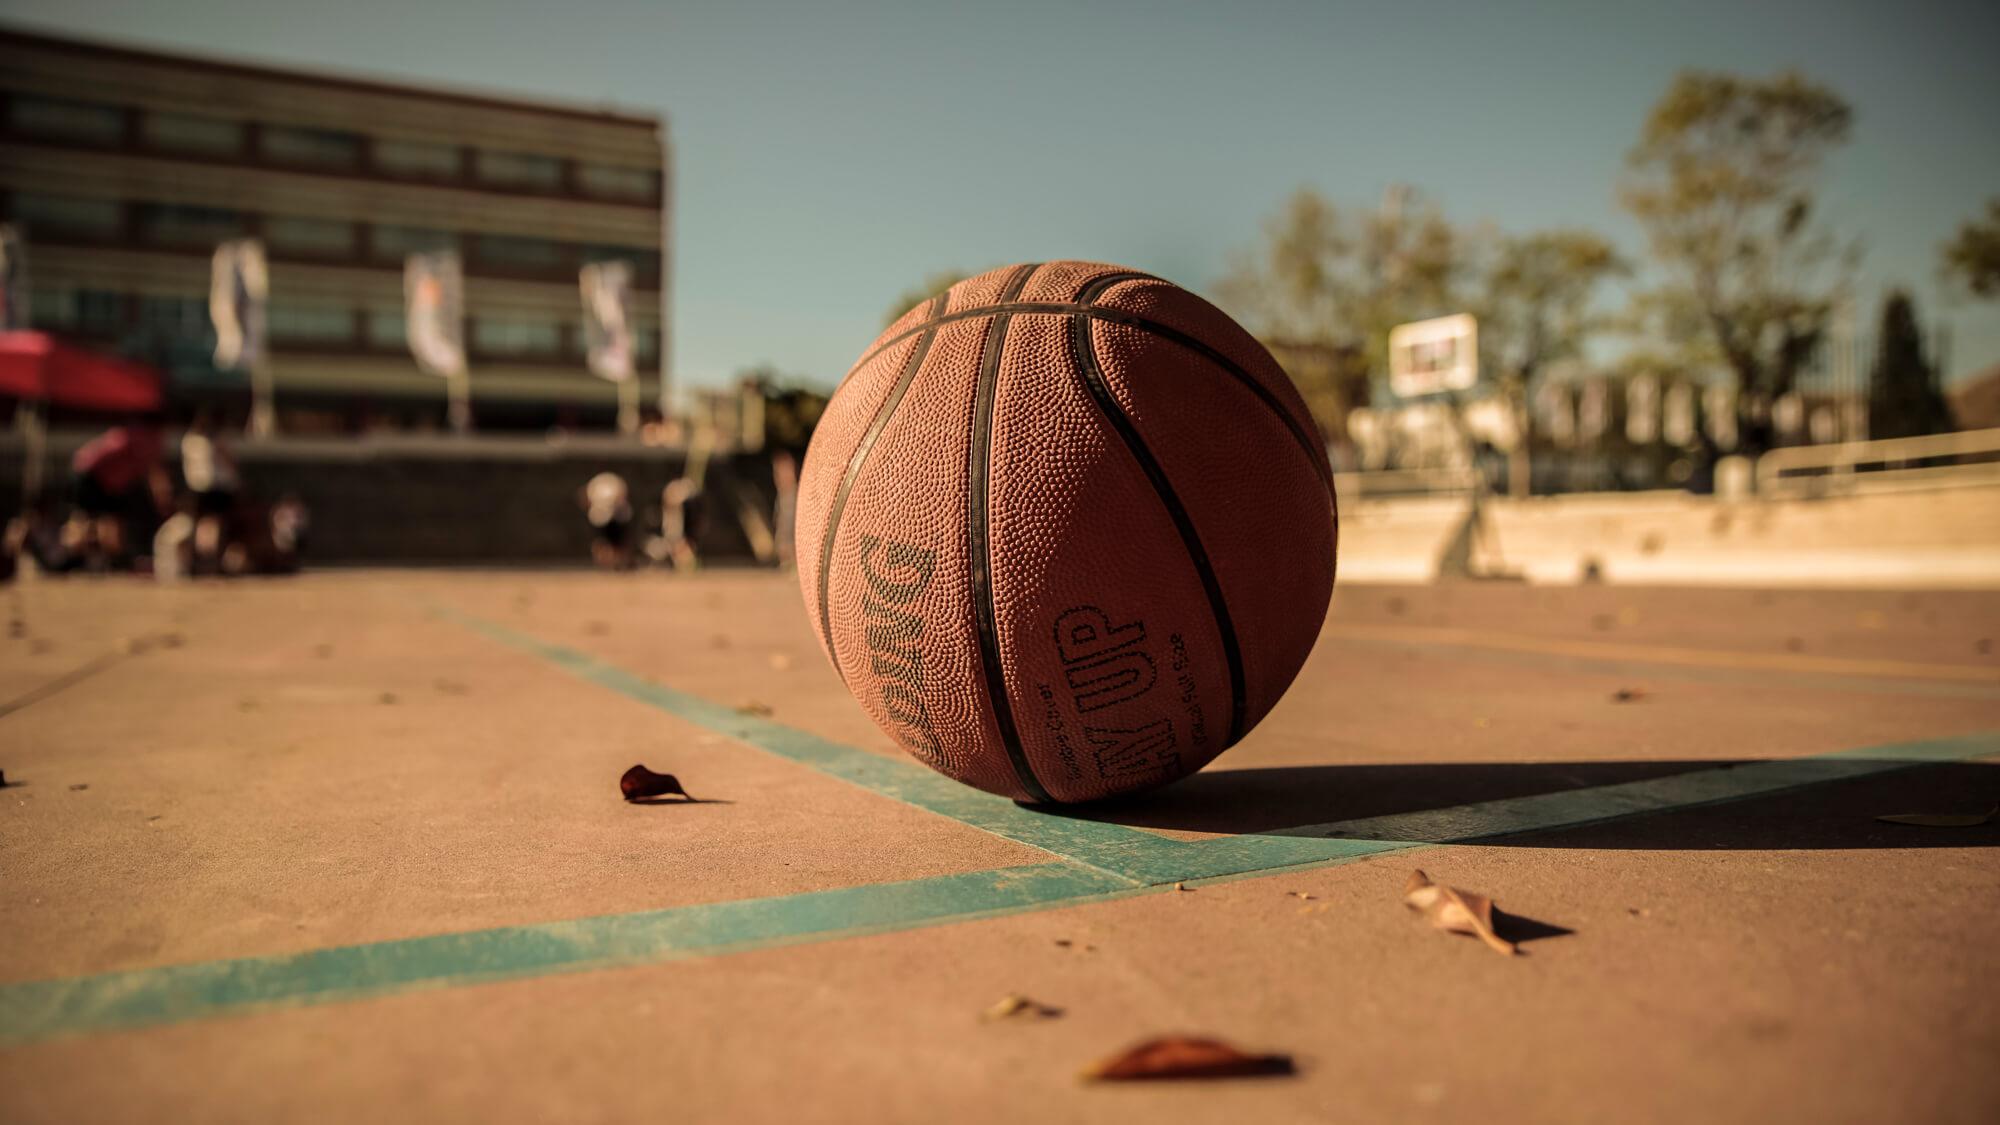 reglas del baloncesto principales